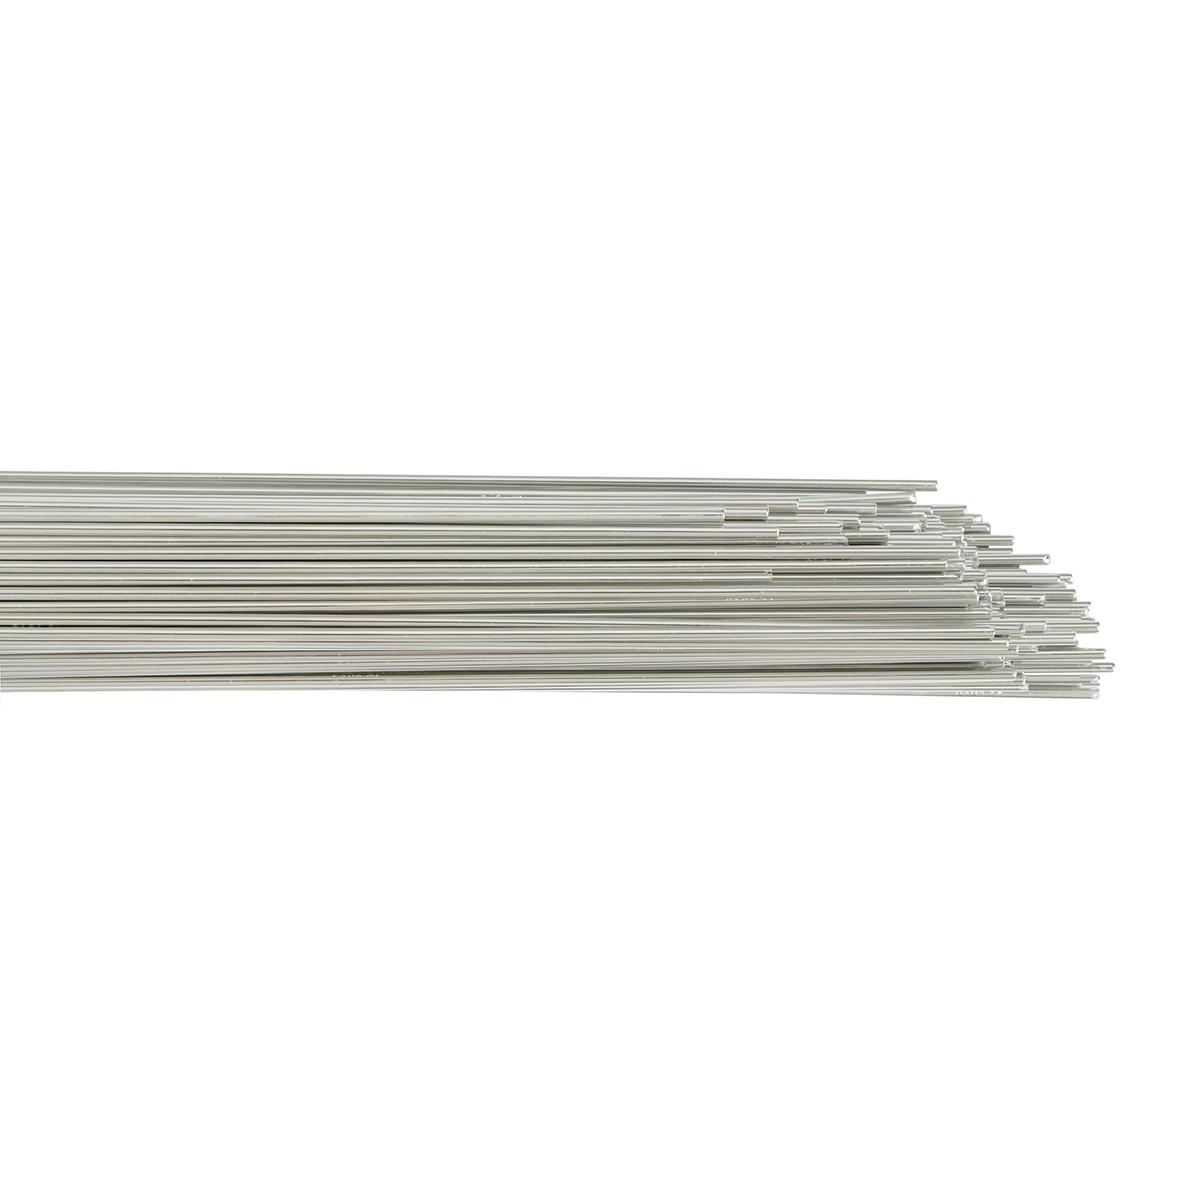 Miller TurboLite G2 6/'L Fall Limiter MFL-2-Z7//6FT Steel Twist-Lock Carabiner